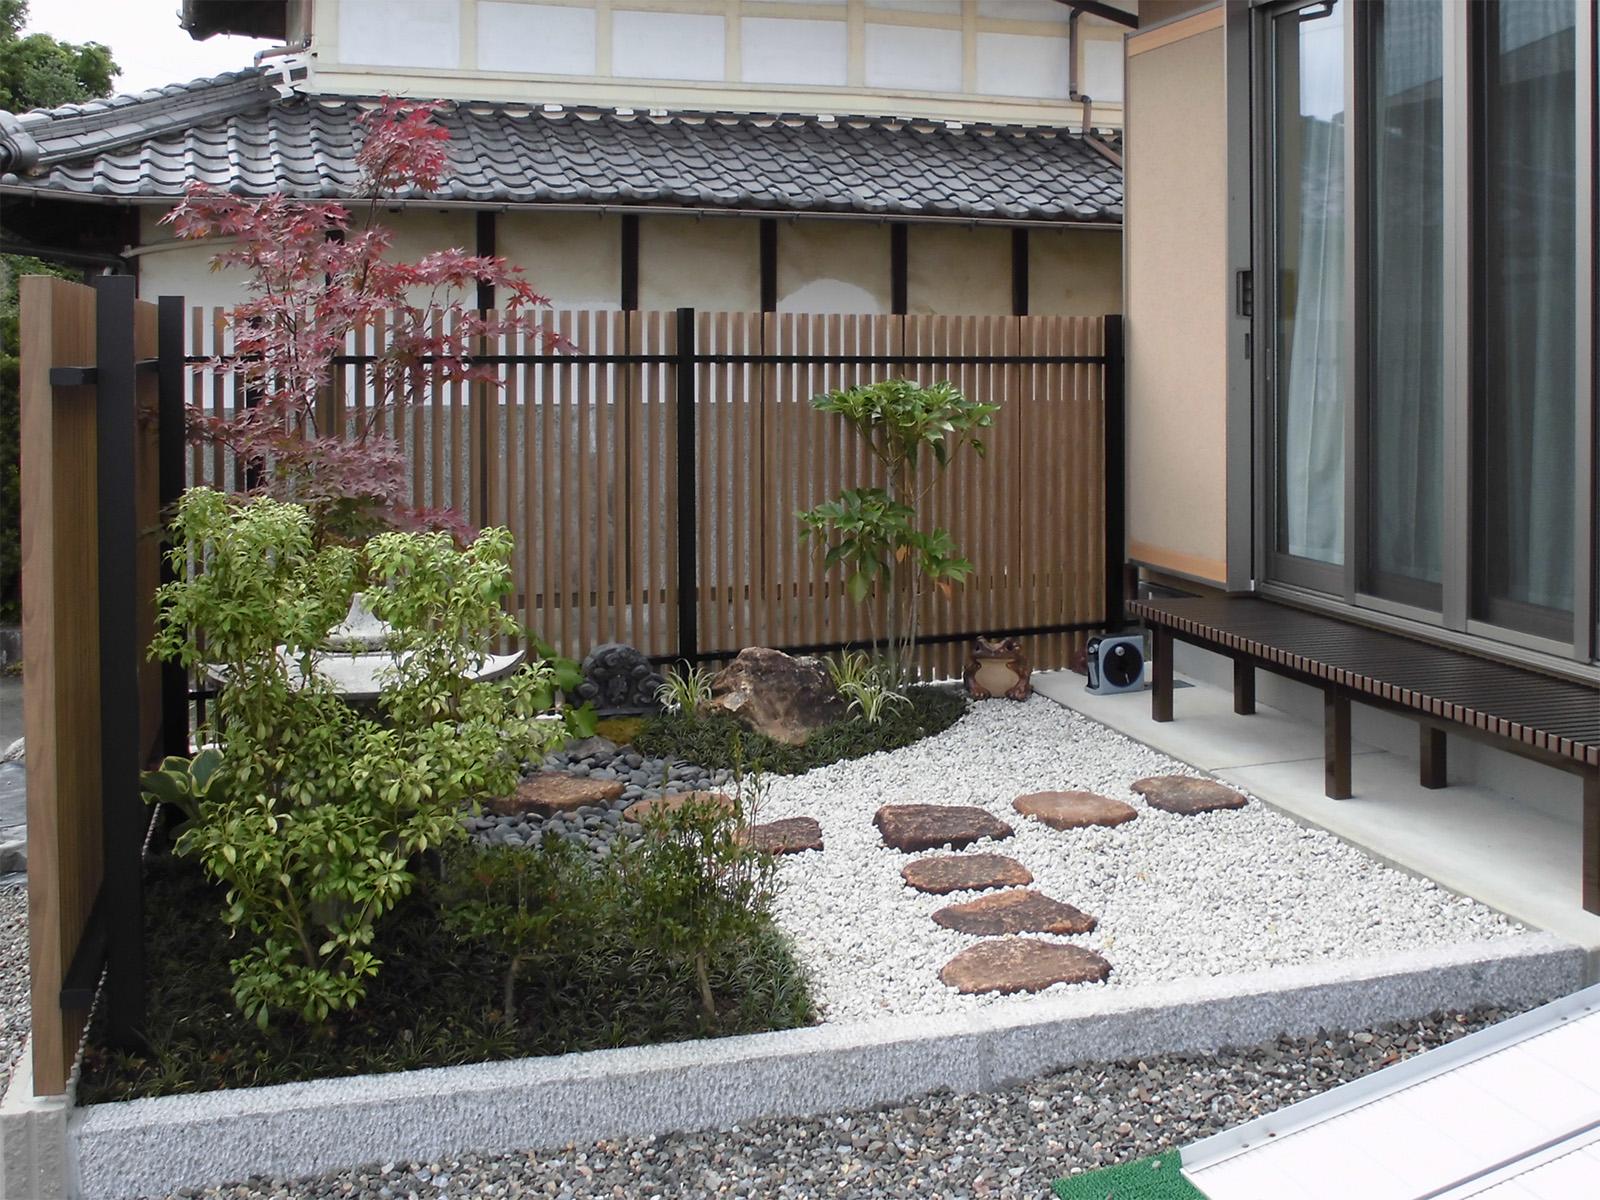 ブラックとチェリーウッドの色の組み合わせで、和の庭にも調和します。(F1型)